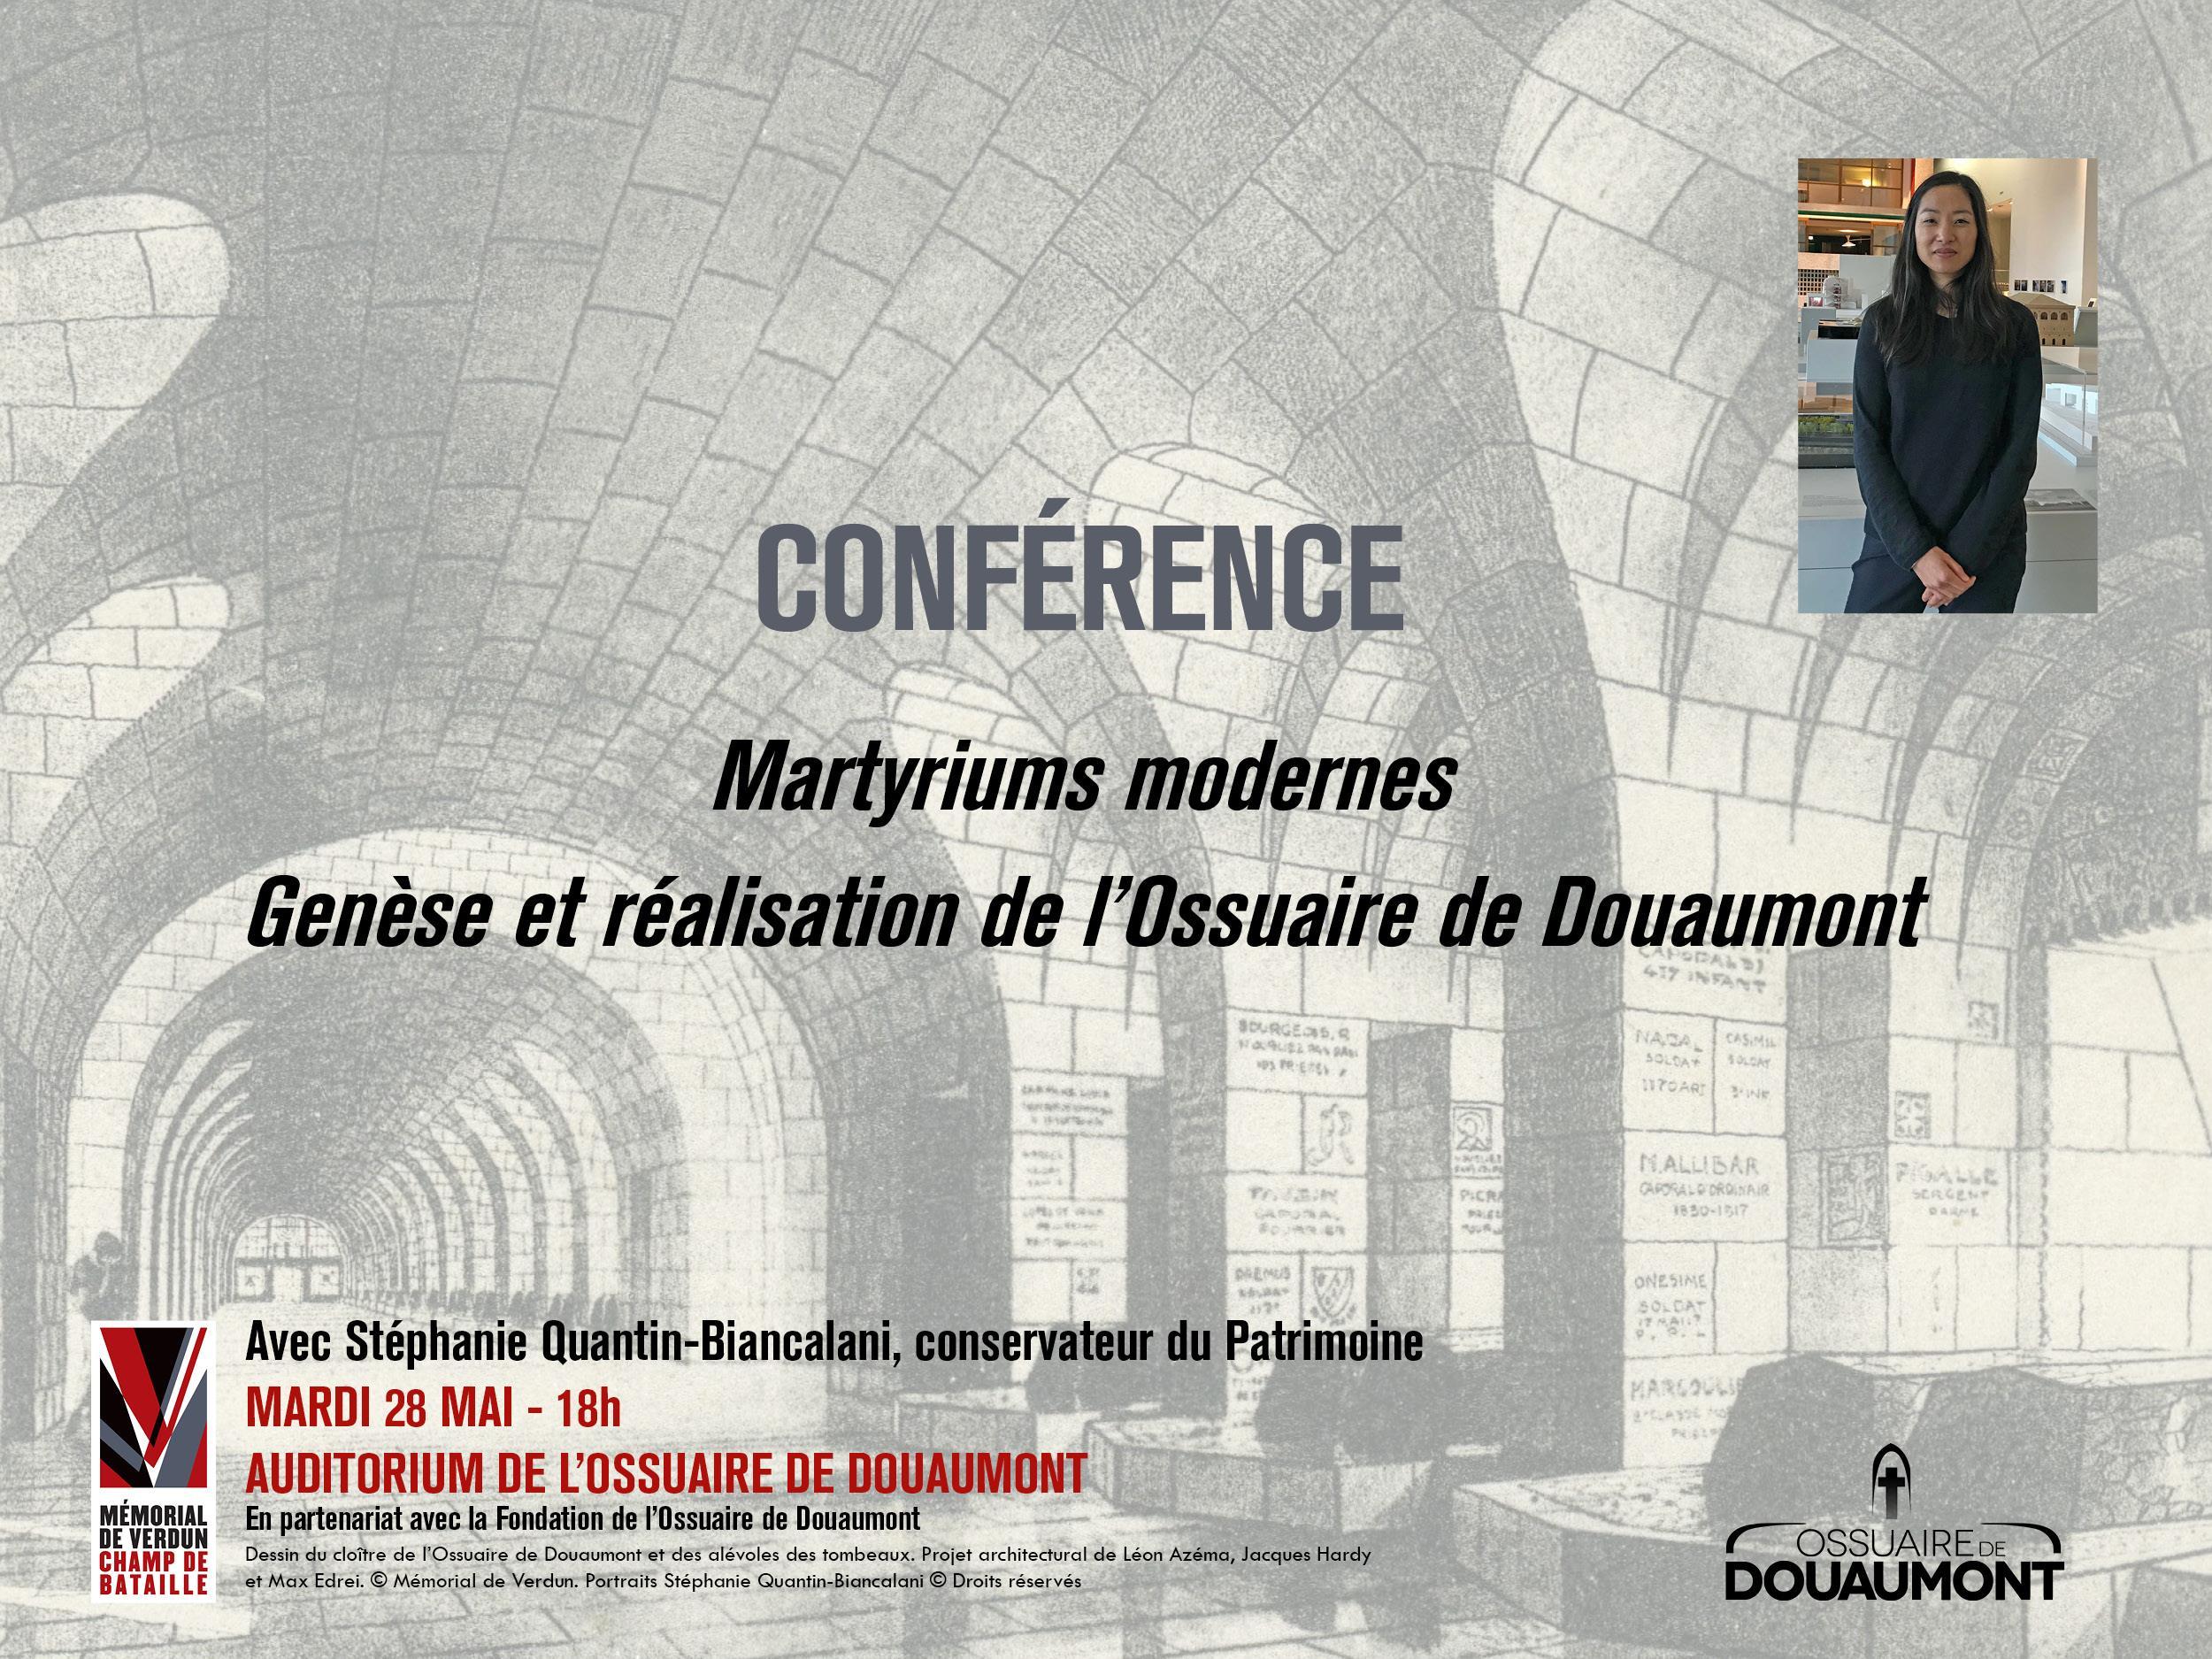 CONFÉRENCE | MARTYRIUMS MODERNES. GENÈSE ET RÉALISATION DE L'OSSUAIRE DE DOUAUMONT